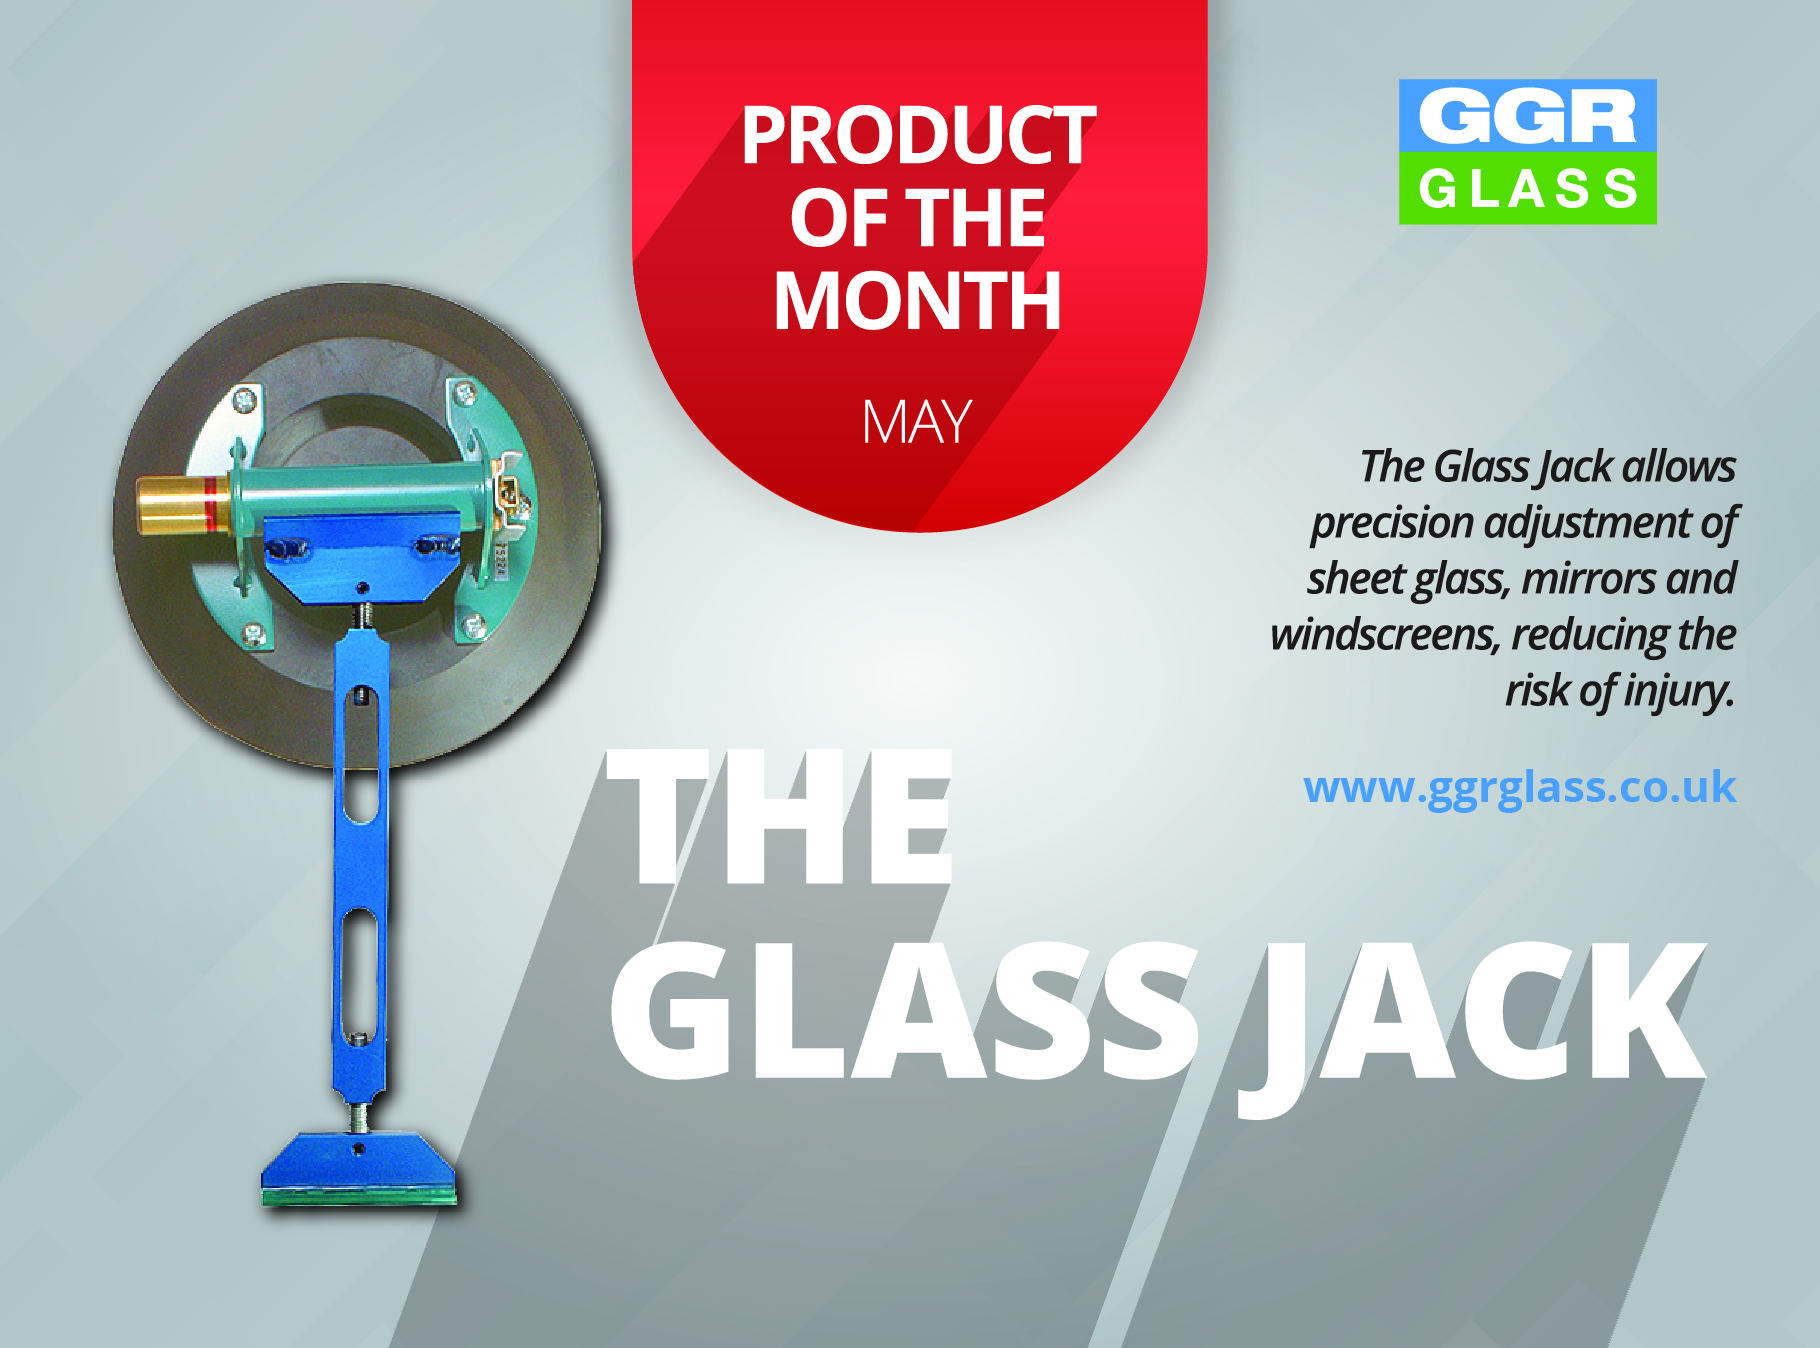 Glass Jack